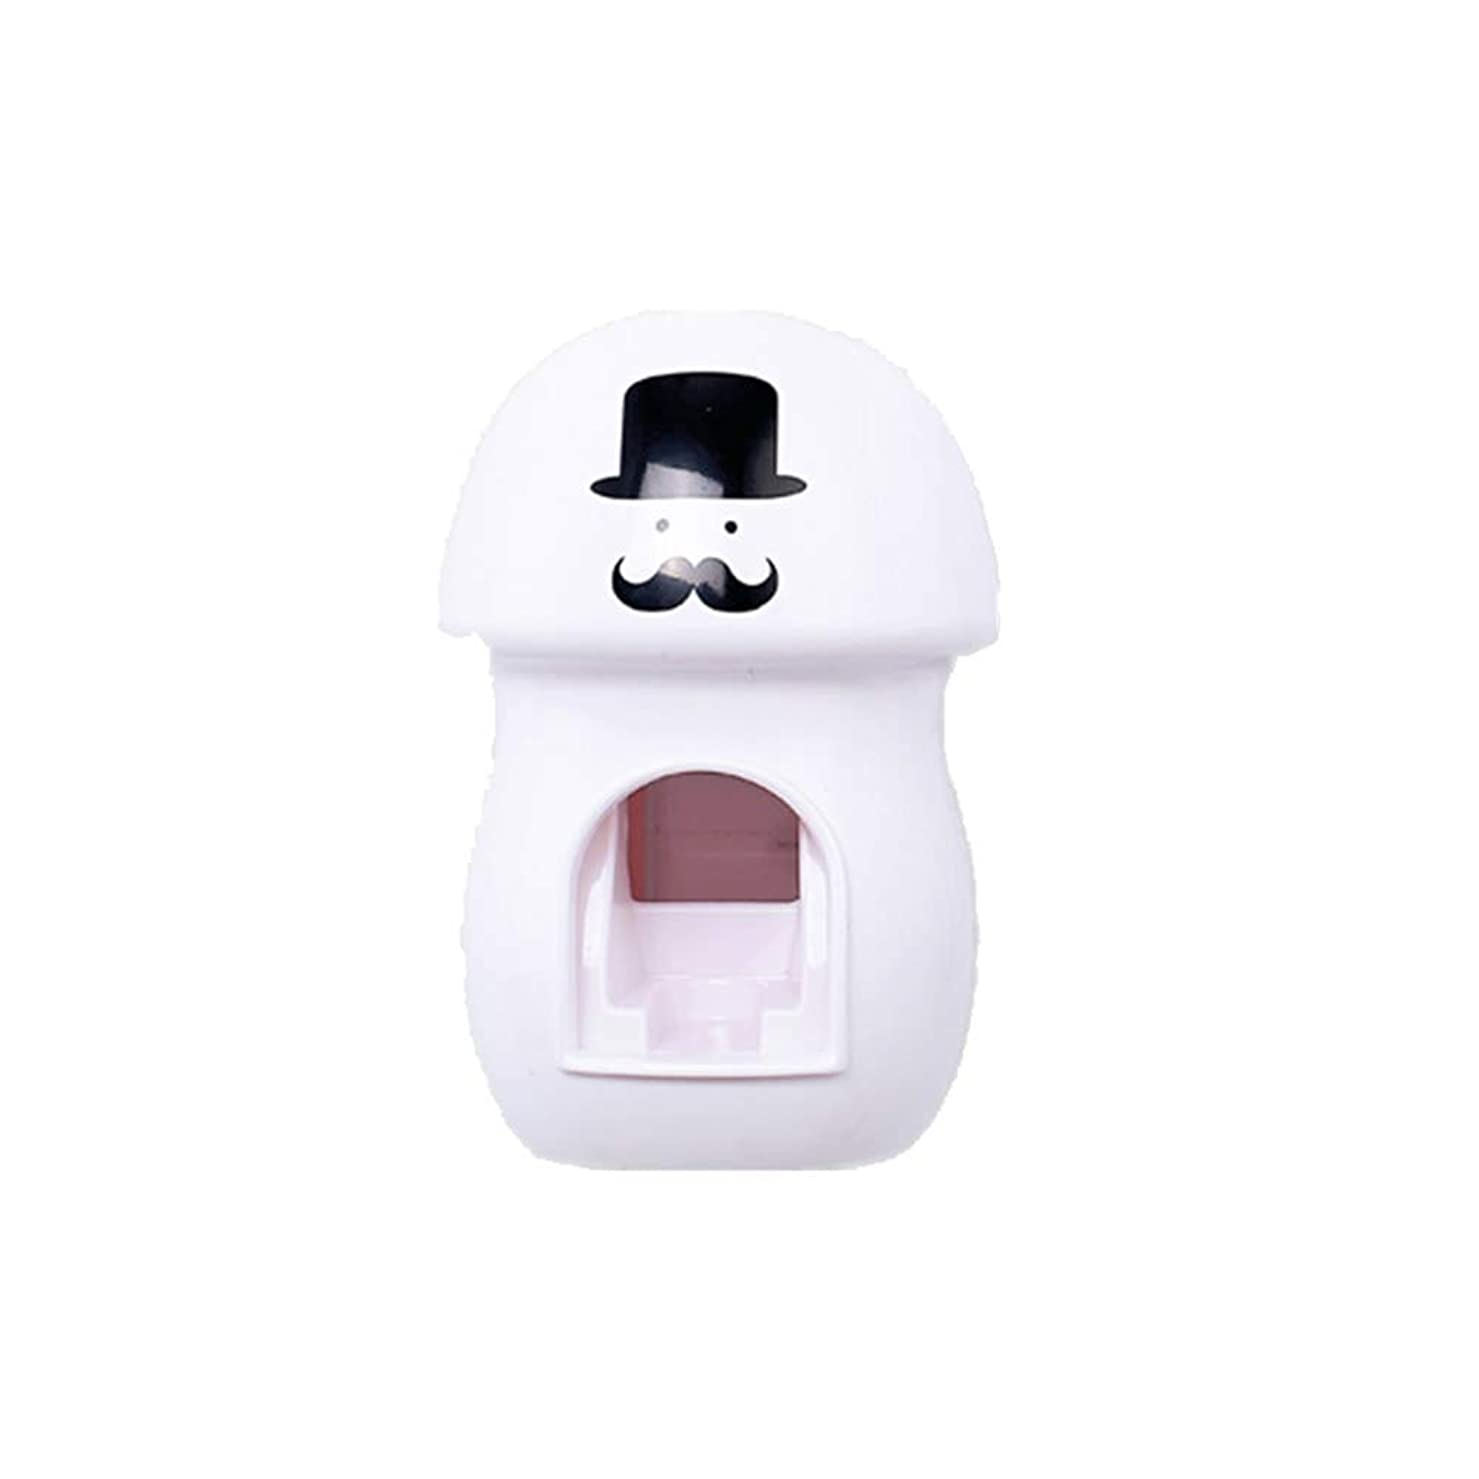 捨てるカップル自分のためにKaddima パンチフリーの自動絞り歯磨き粉デバイス壁掛け漫画歯磨き粉デバイス